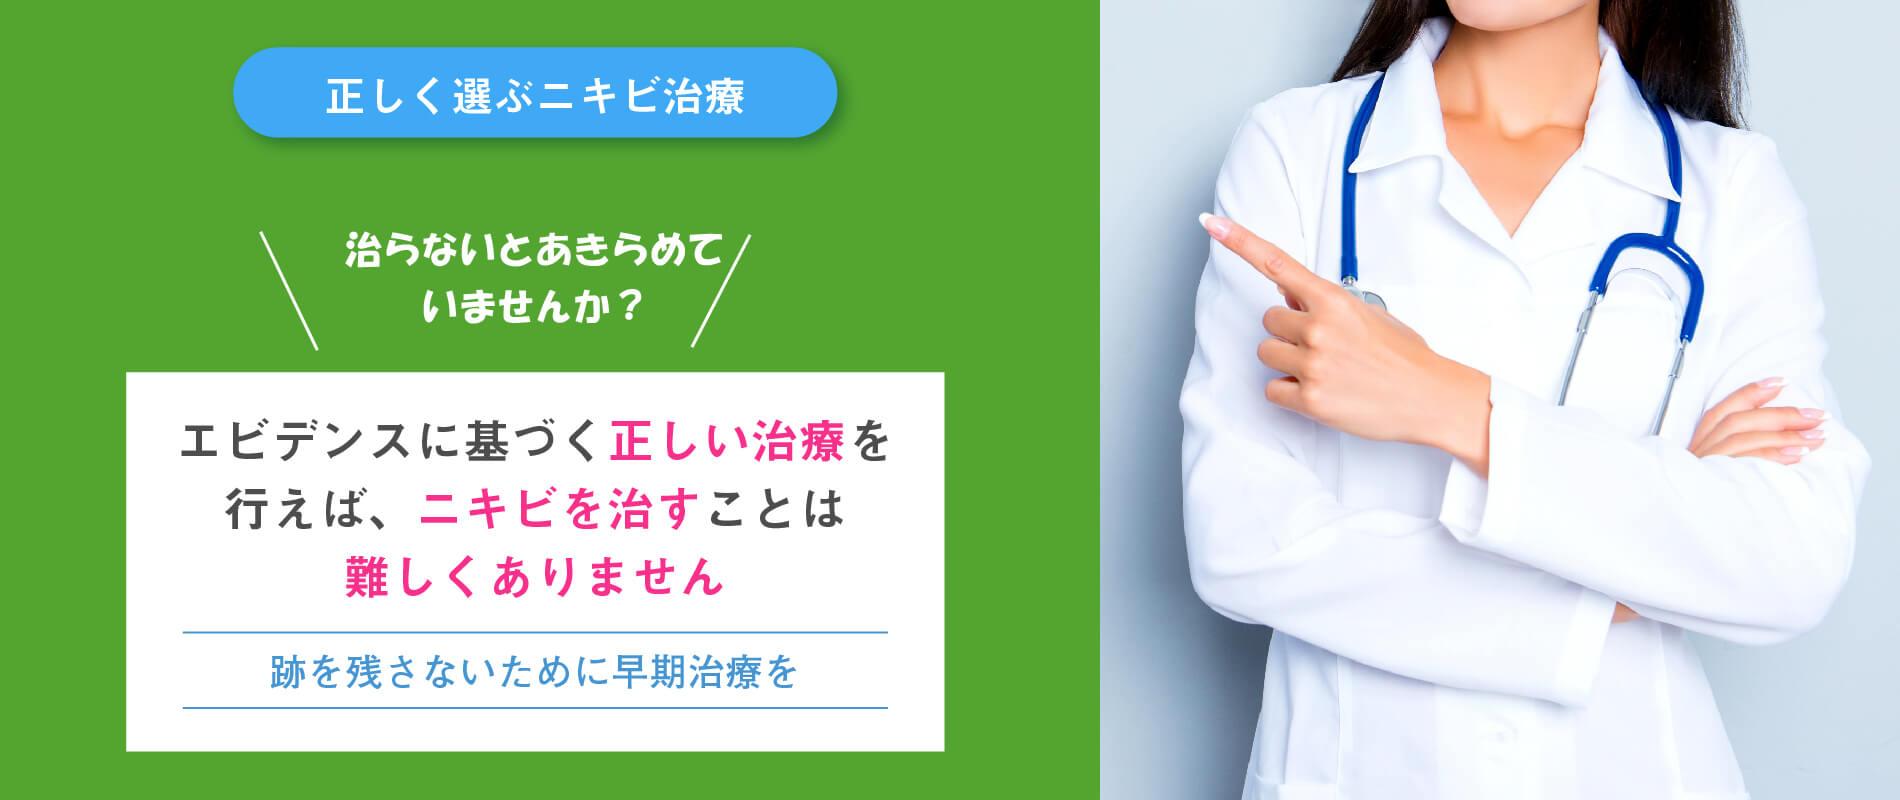 にきび治療_肌のクリニック